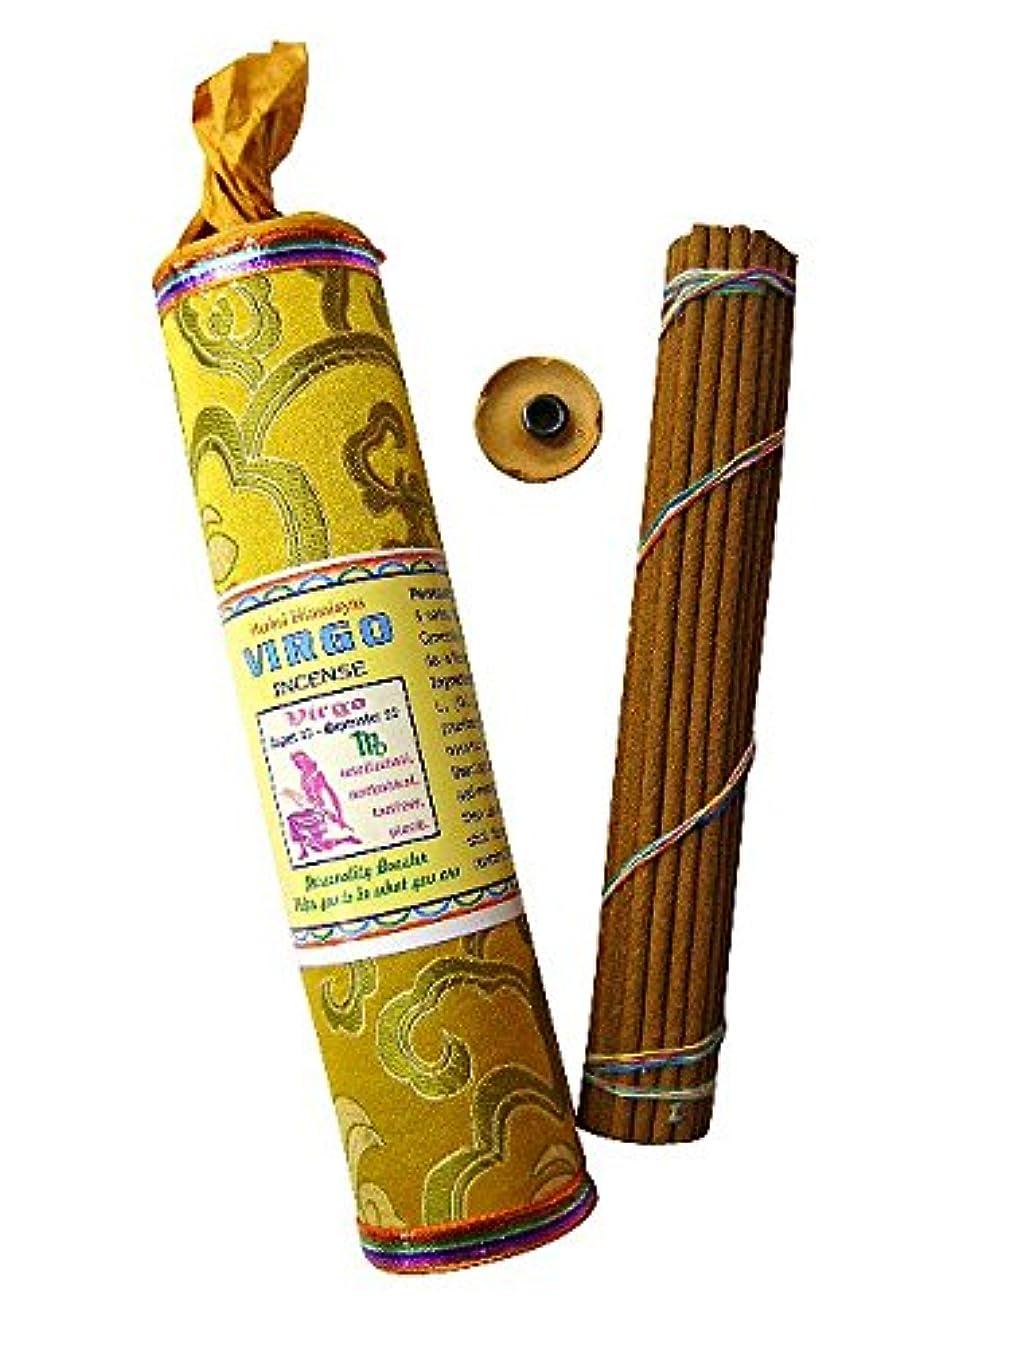 ページキャンディー繊毛NEPAL INCENSE 12宮シリーズ【VIRGOヴァーゴ 処女宮 おとめ座】